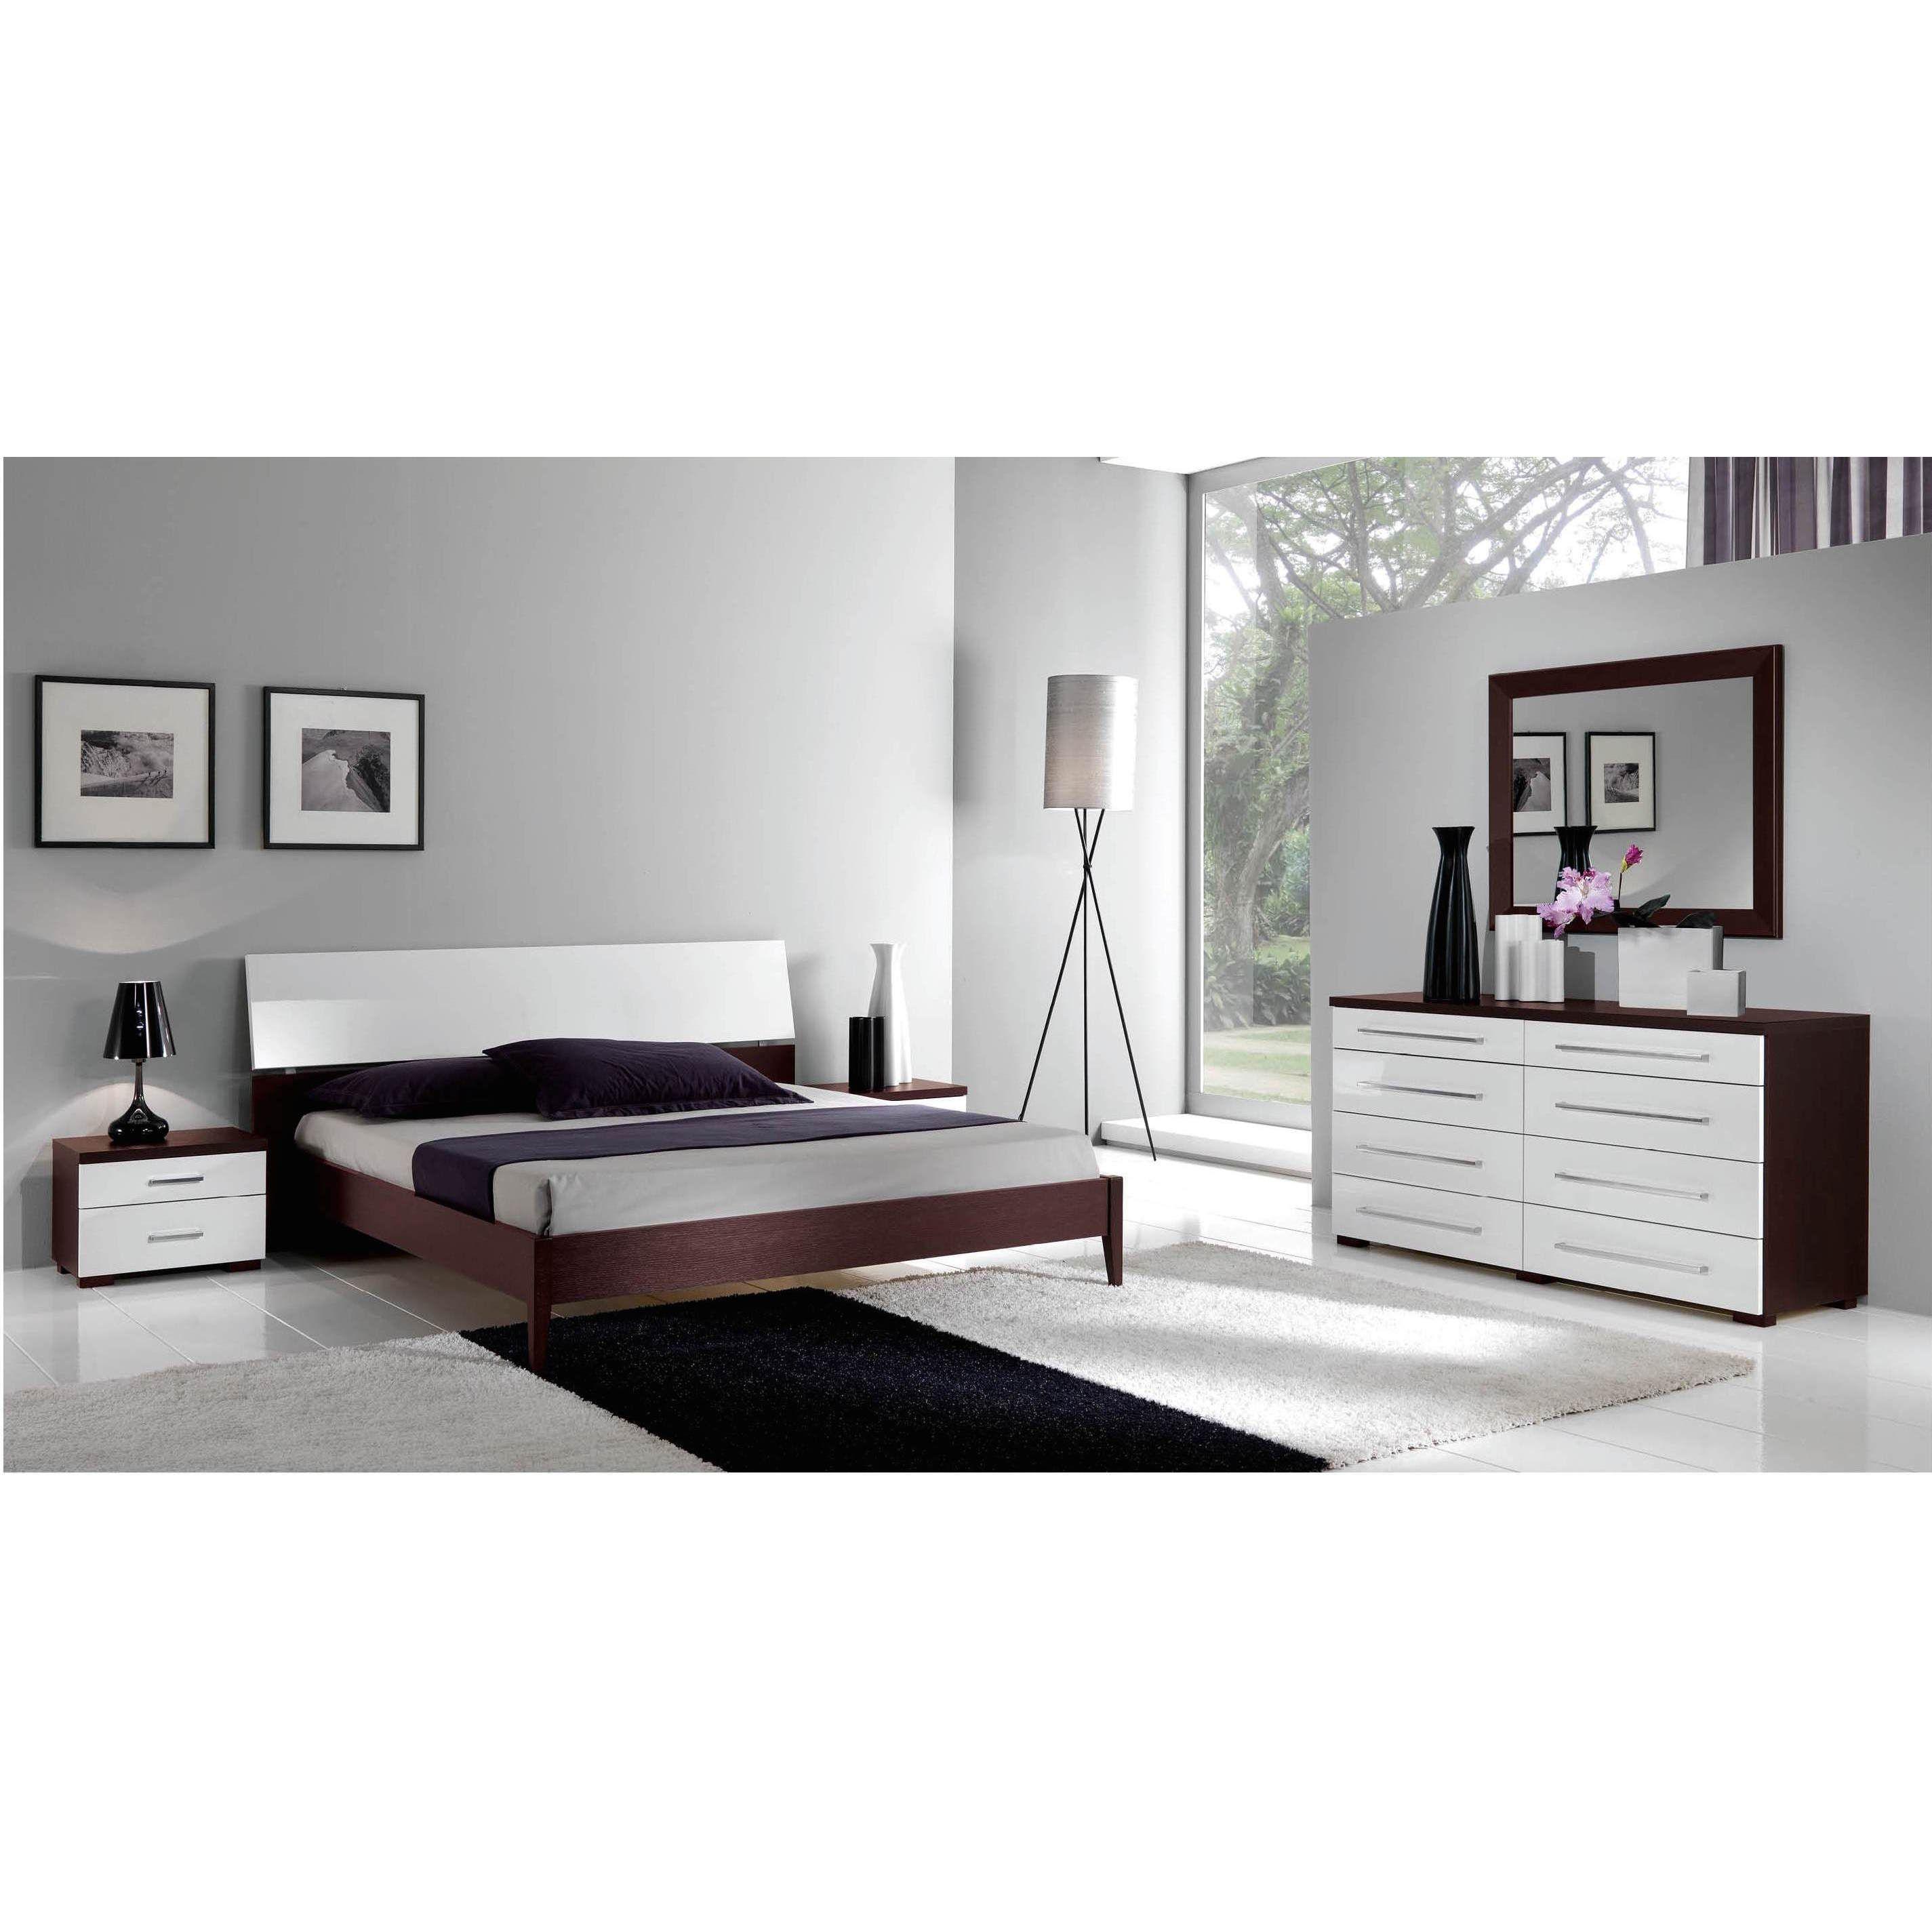 Luca home wenge white 3 piece queen bedroom set wenge white 3pc bedroom set brown